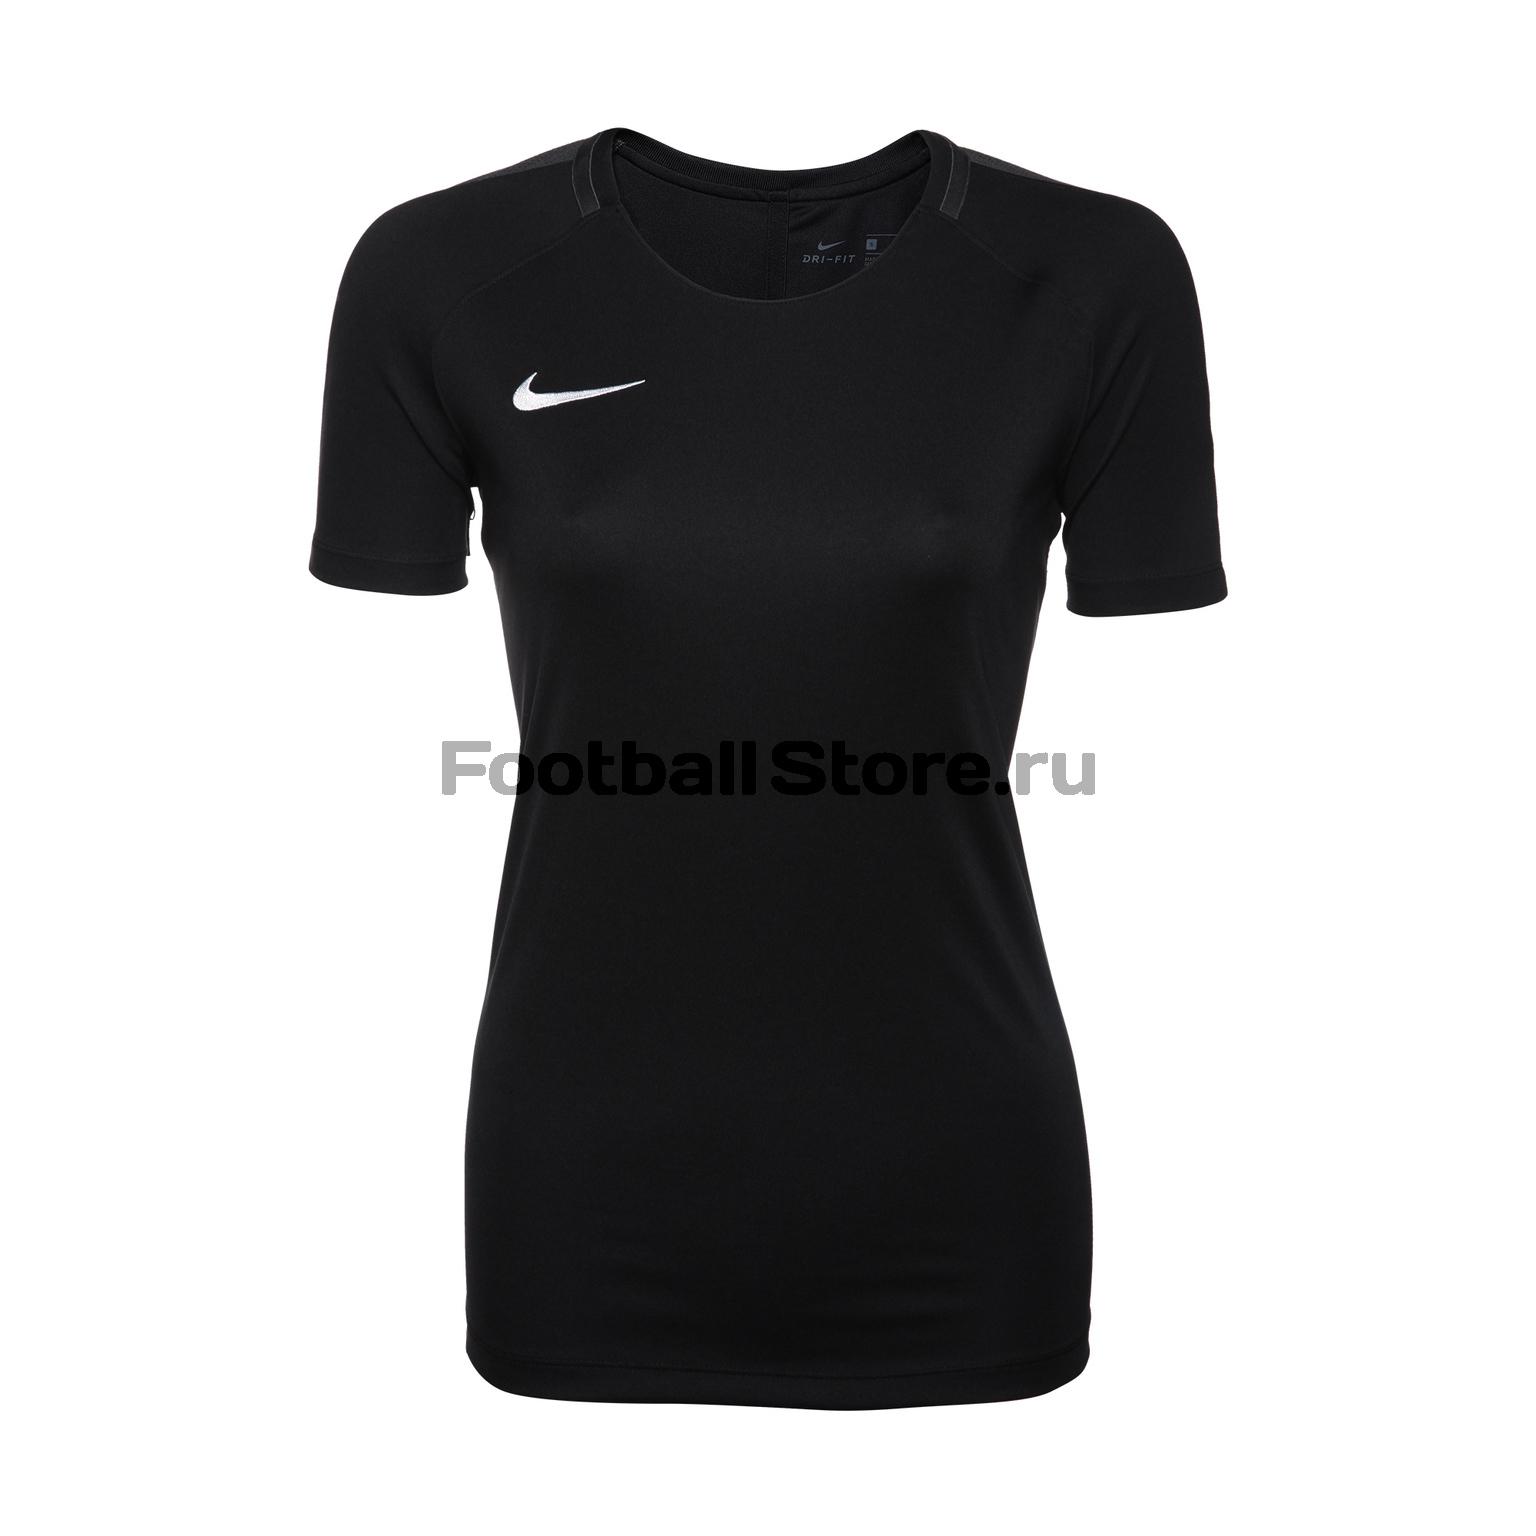 Футболка тренировочная женская Nike Academy 893741-010 цена 2017